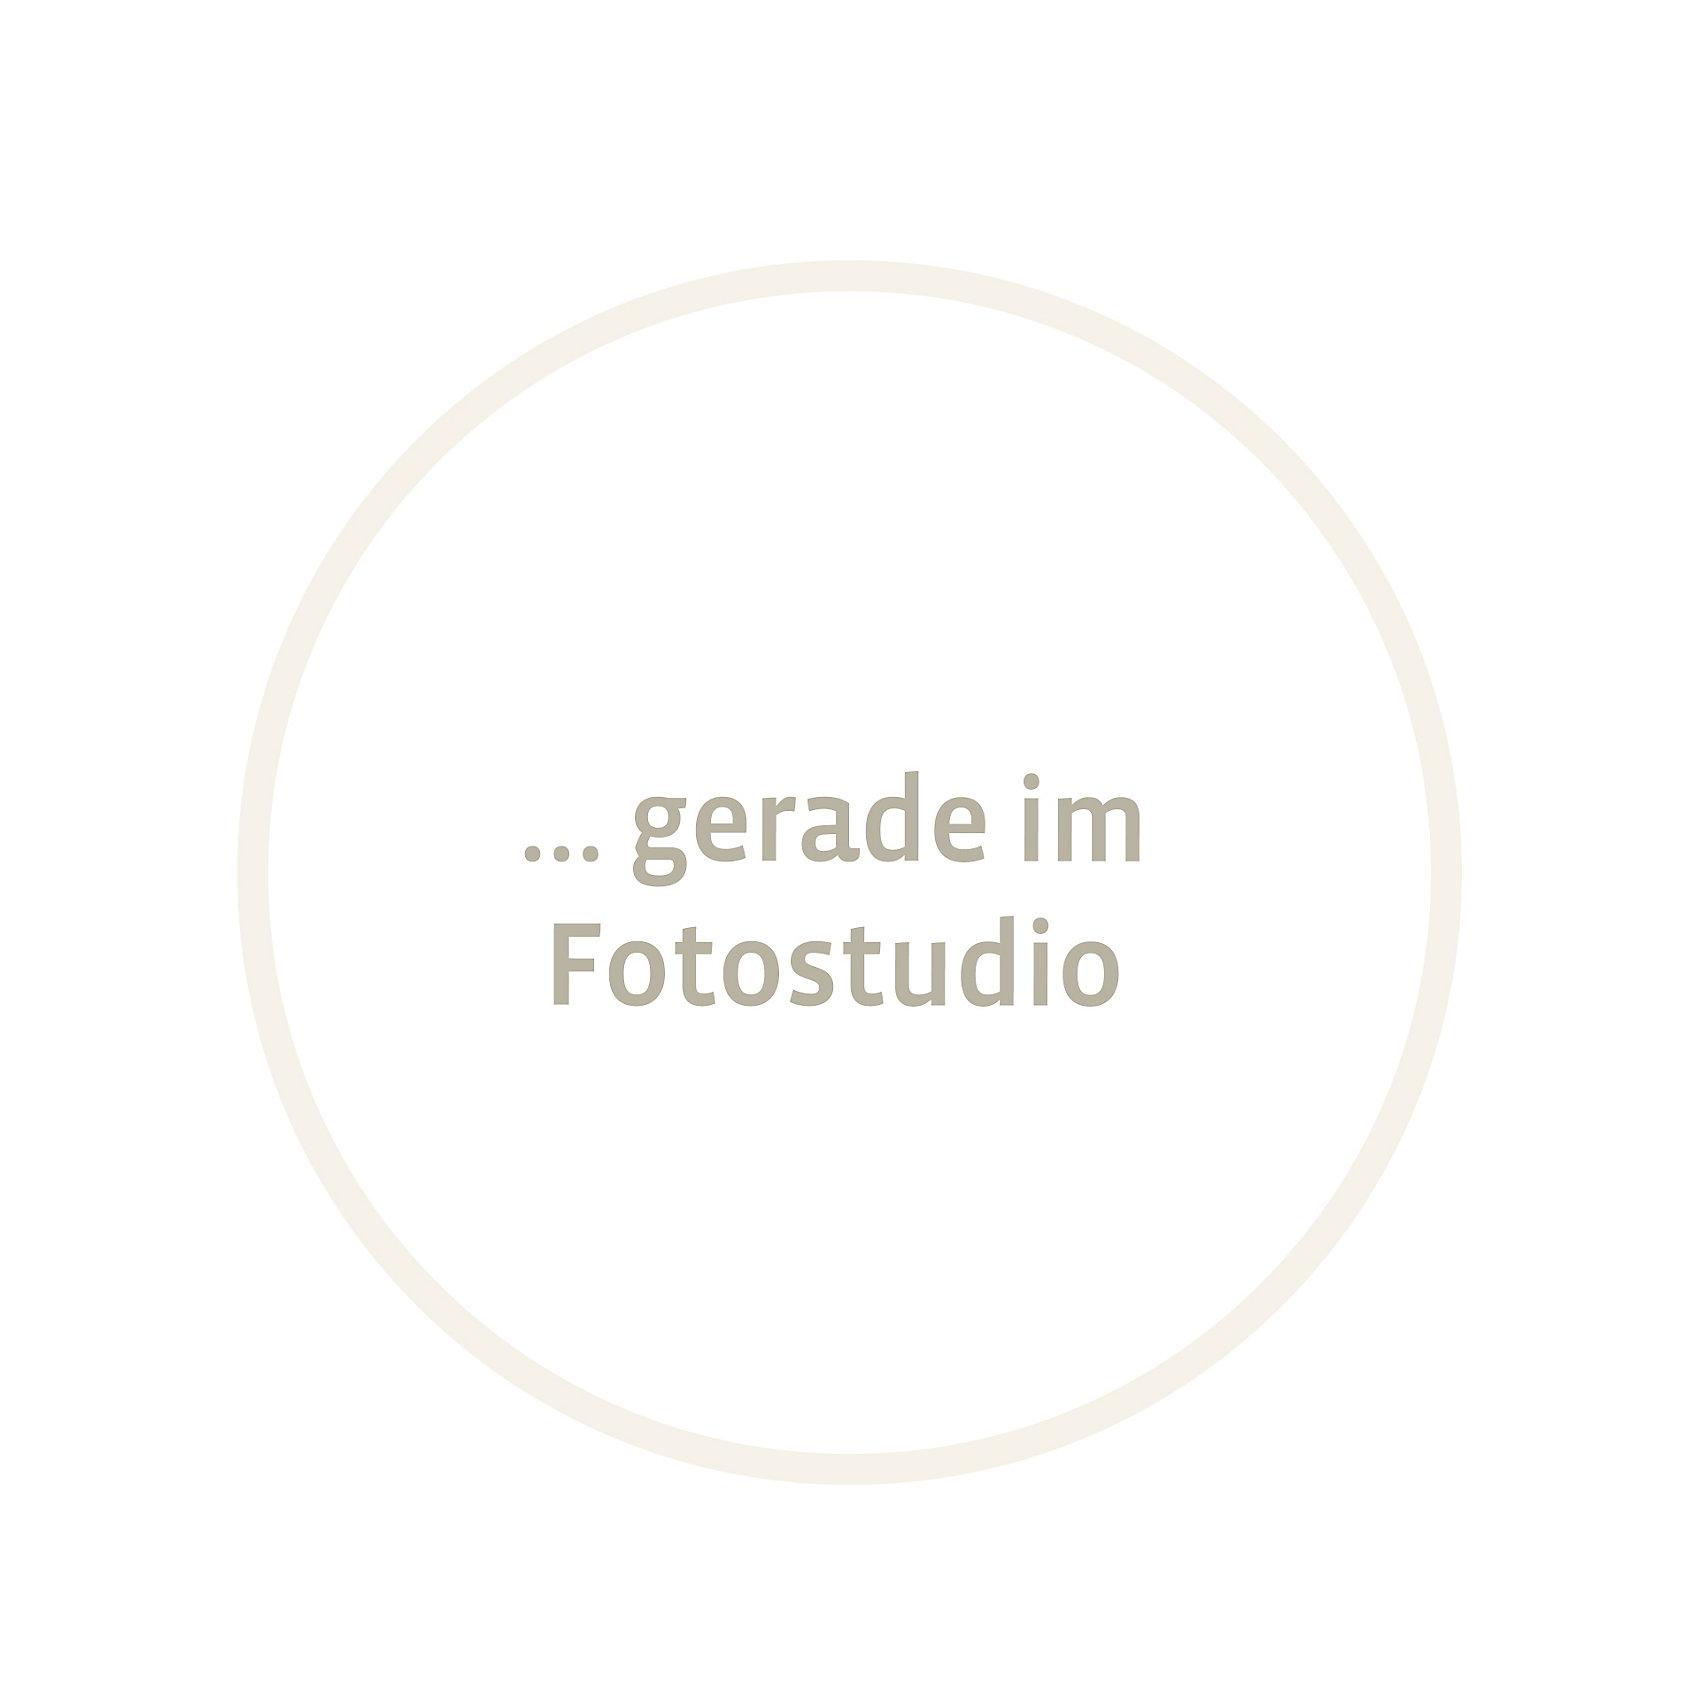 Neu Roadsign 7407174 Duo Sneakers Niedrig 7407174 Roadsign für Herren schwarz-kombi 863a4b